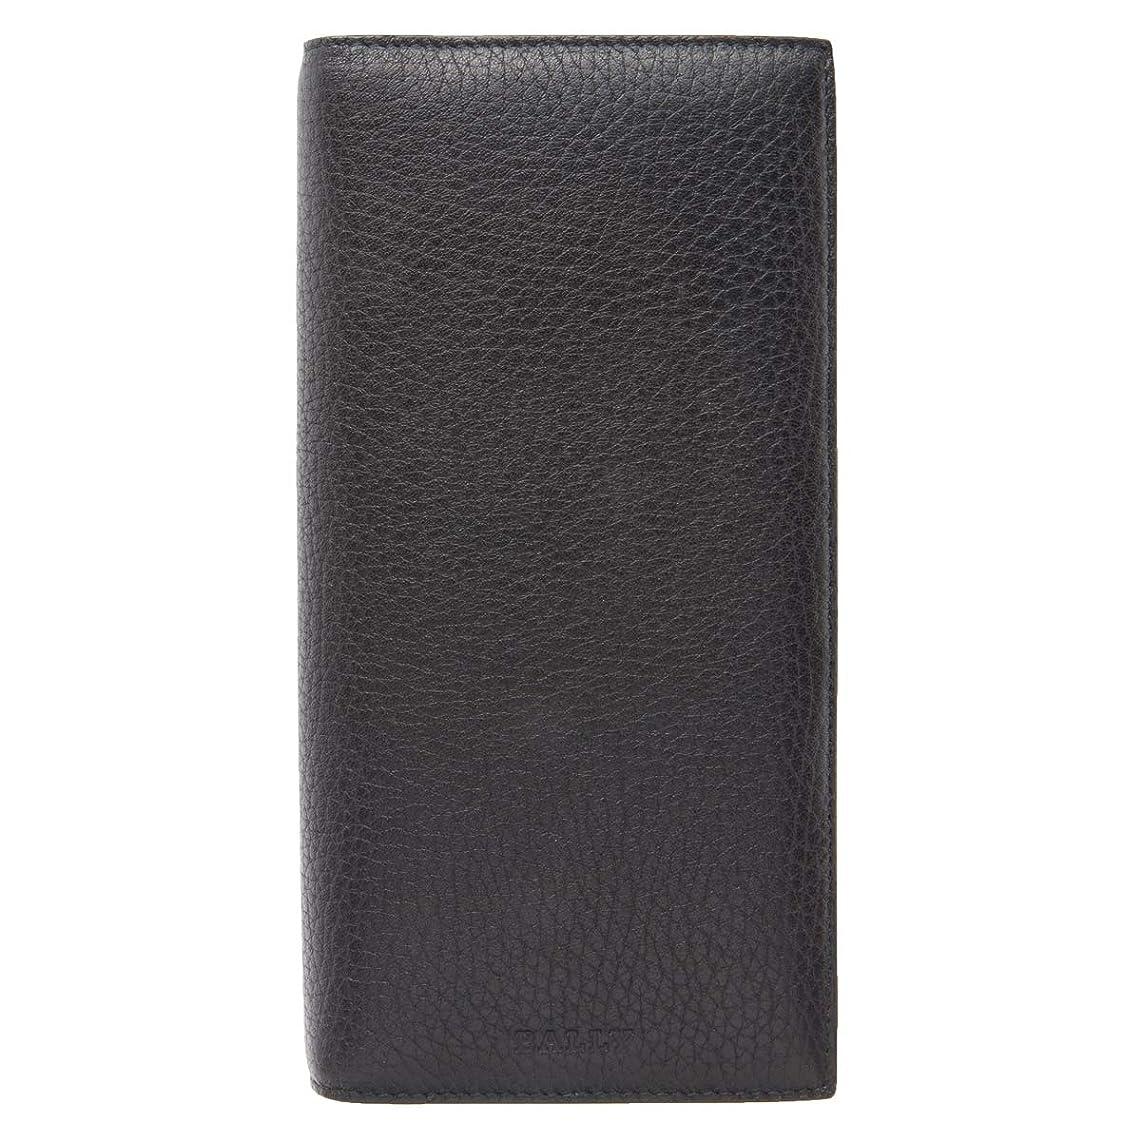 組達成破壊[BALLY(バリー)] 二つ折り 長財布 STRADDOK カーフレザー 黒 ブラック 6208053001 メンズ (M207004) [並行輸入品]